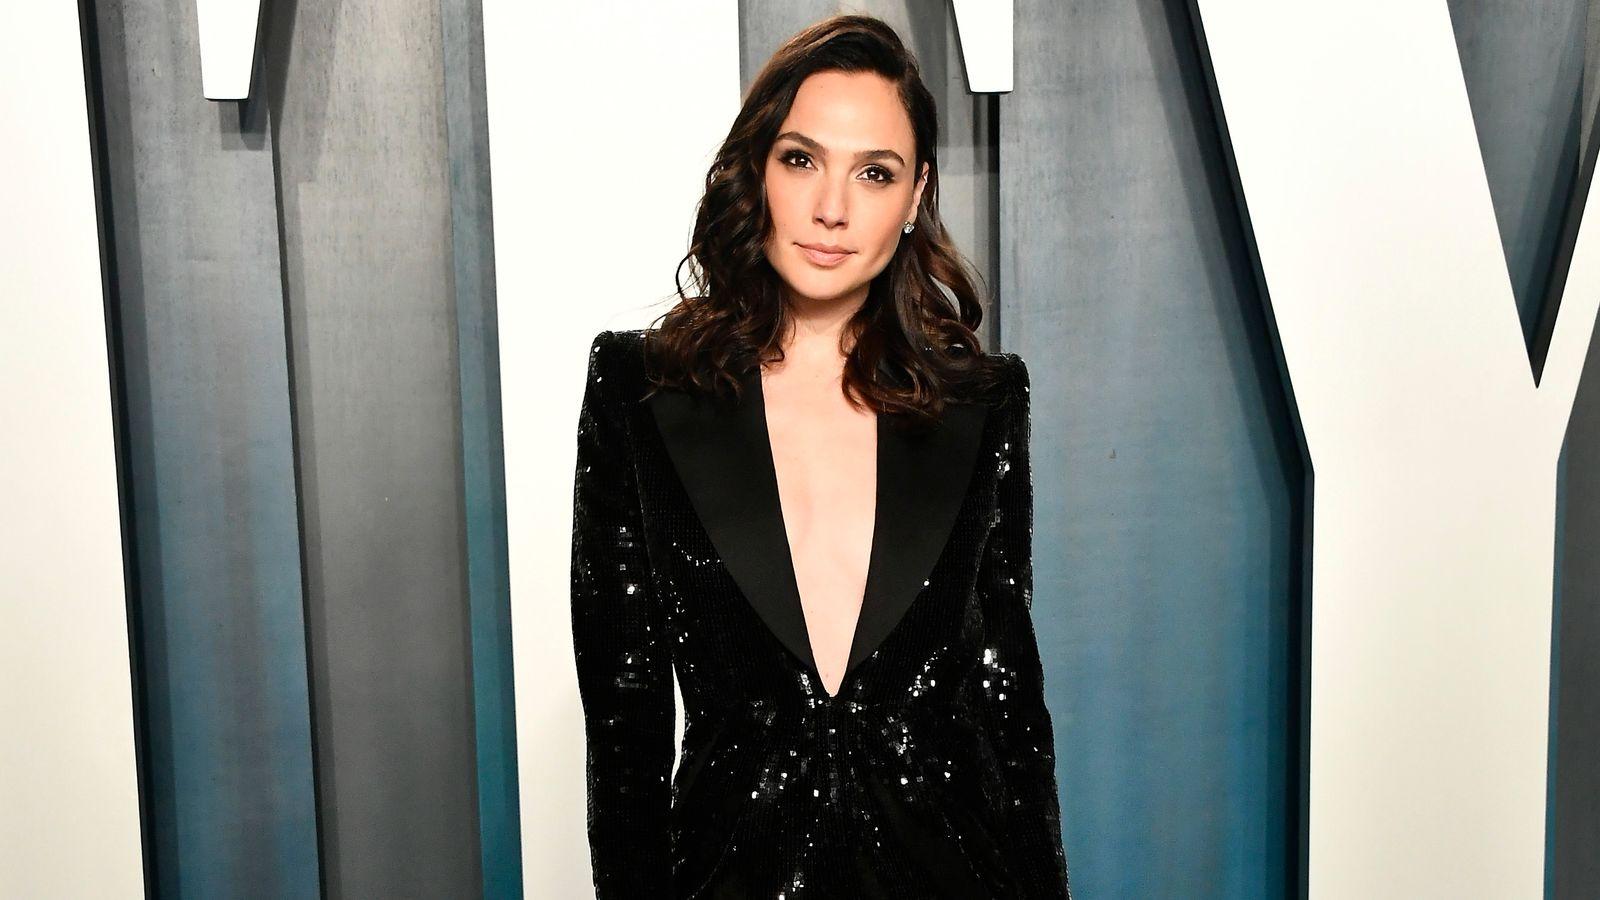 actress bet husband on cleopatra